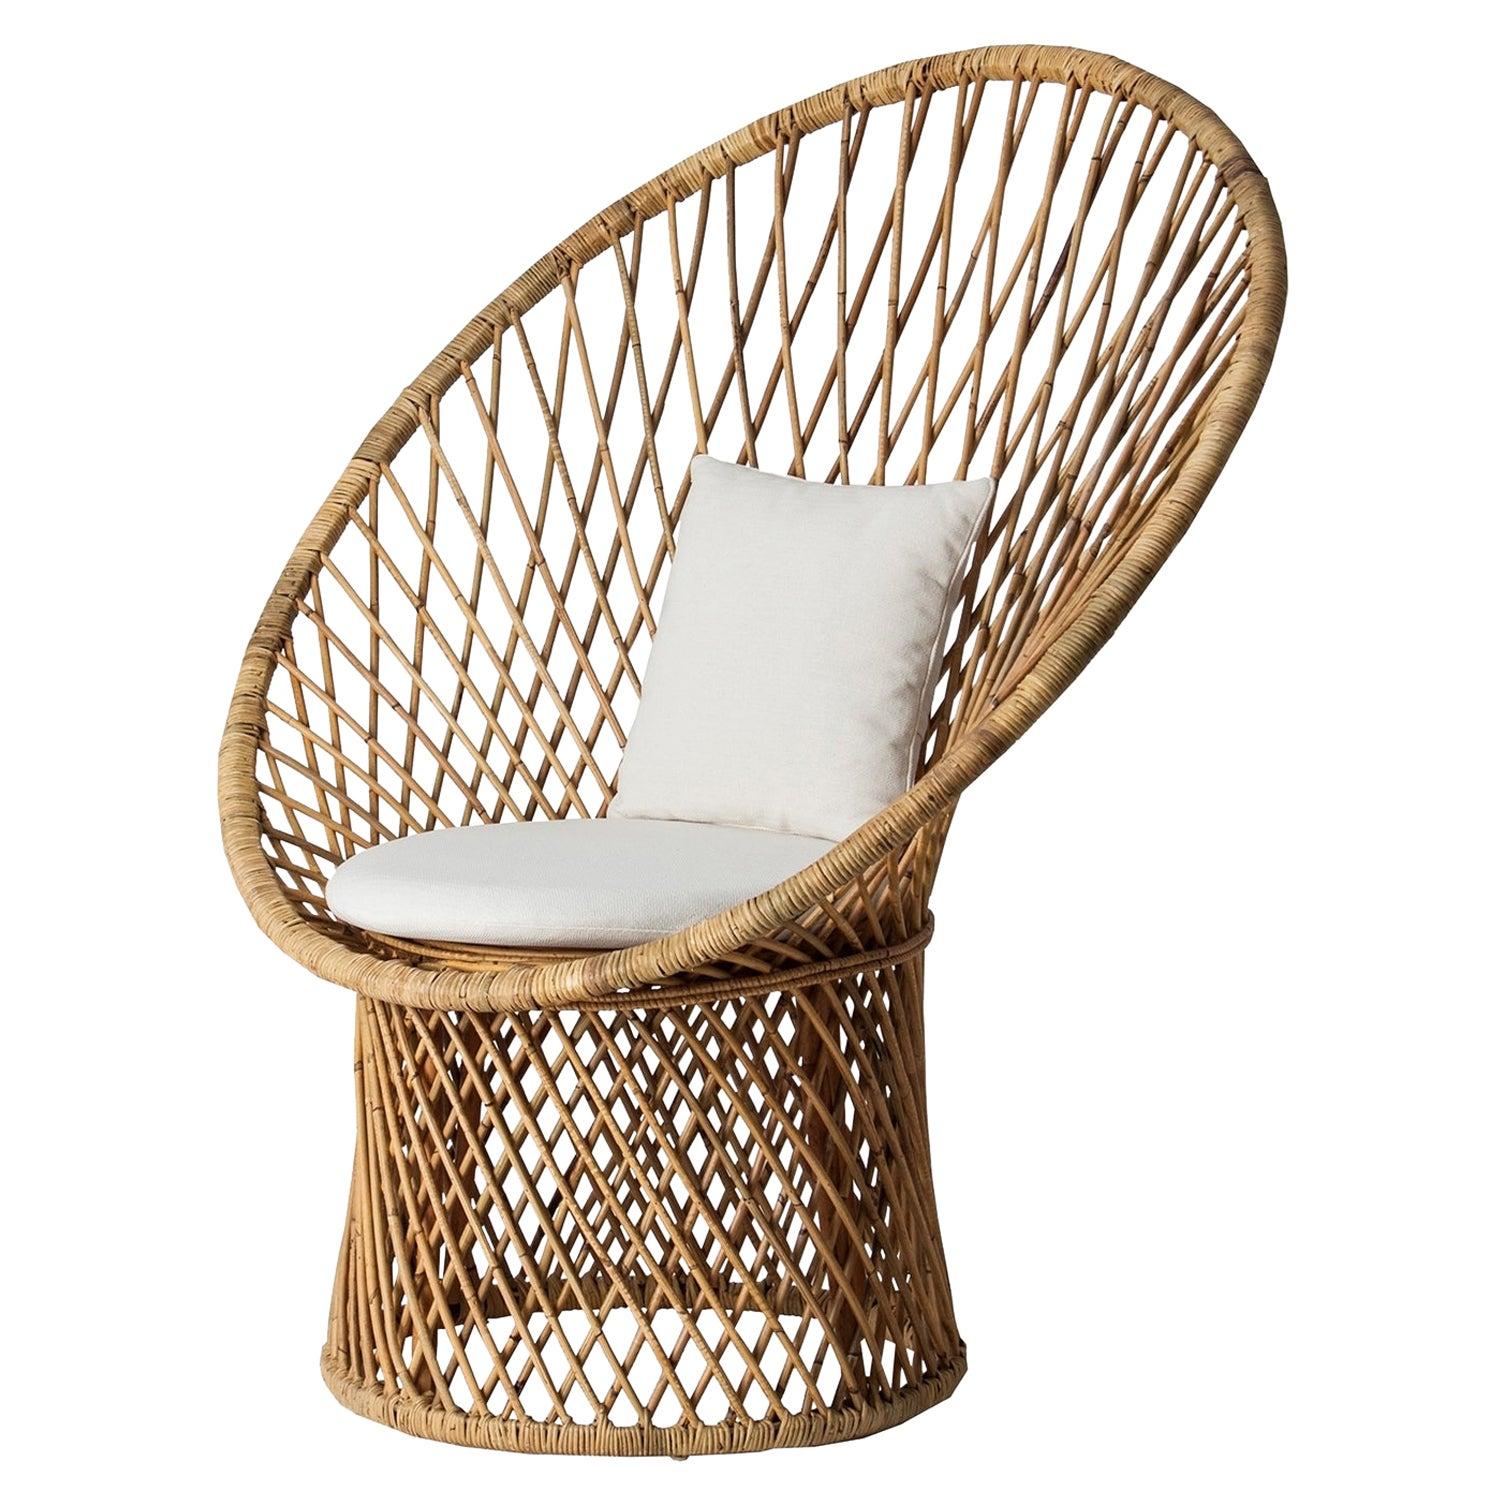 Italian 1960s Design Style Rattan Armchair